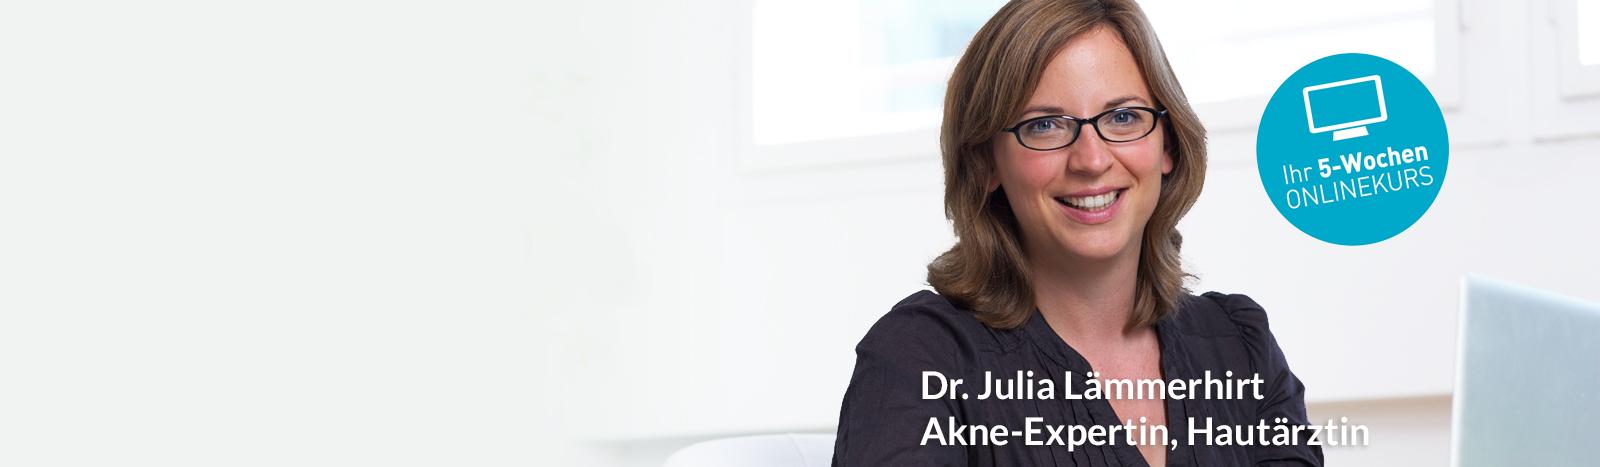 Akne-Expertin Dr. Julia Lämmerhirt